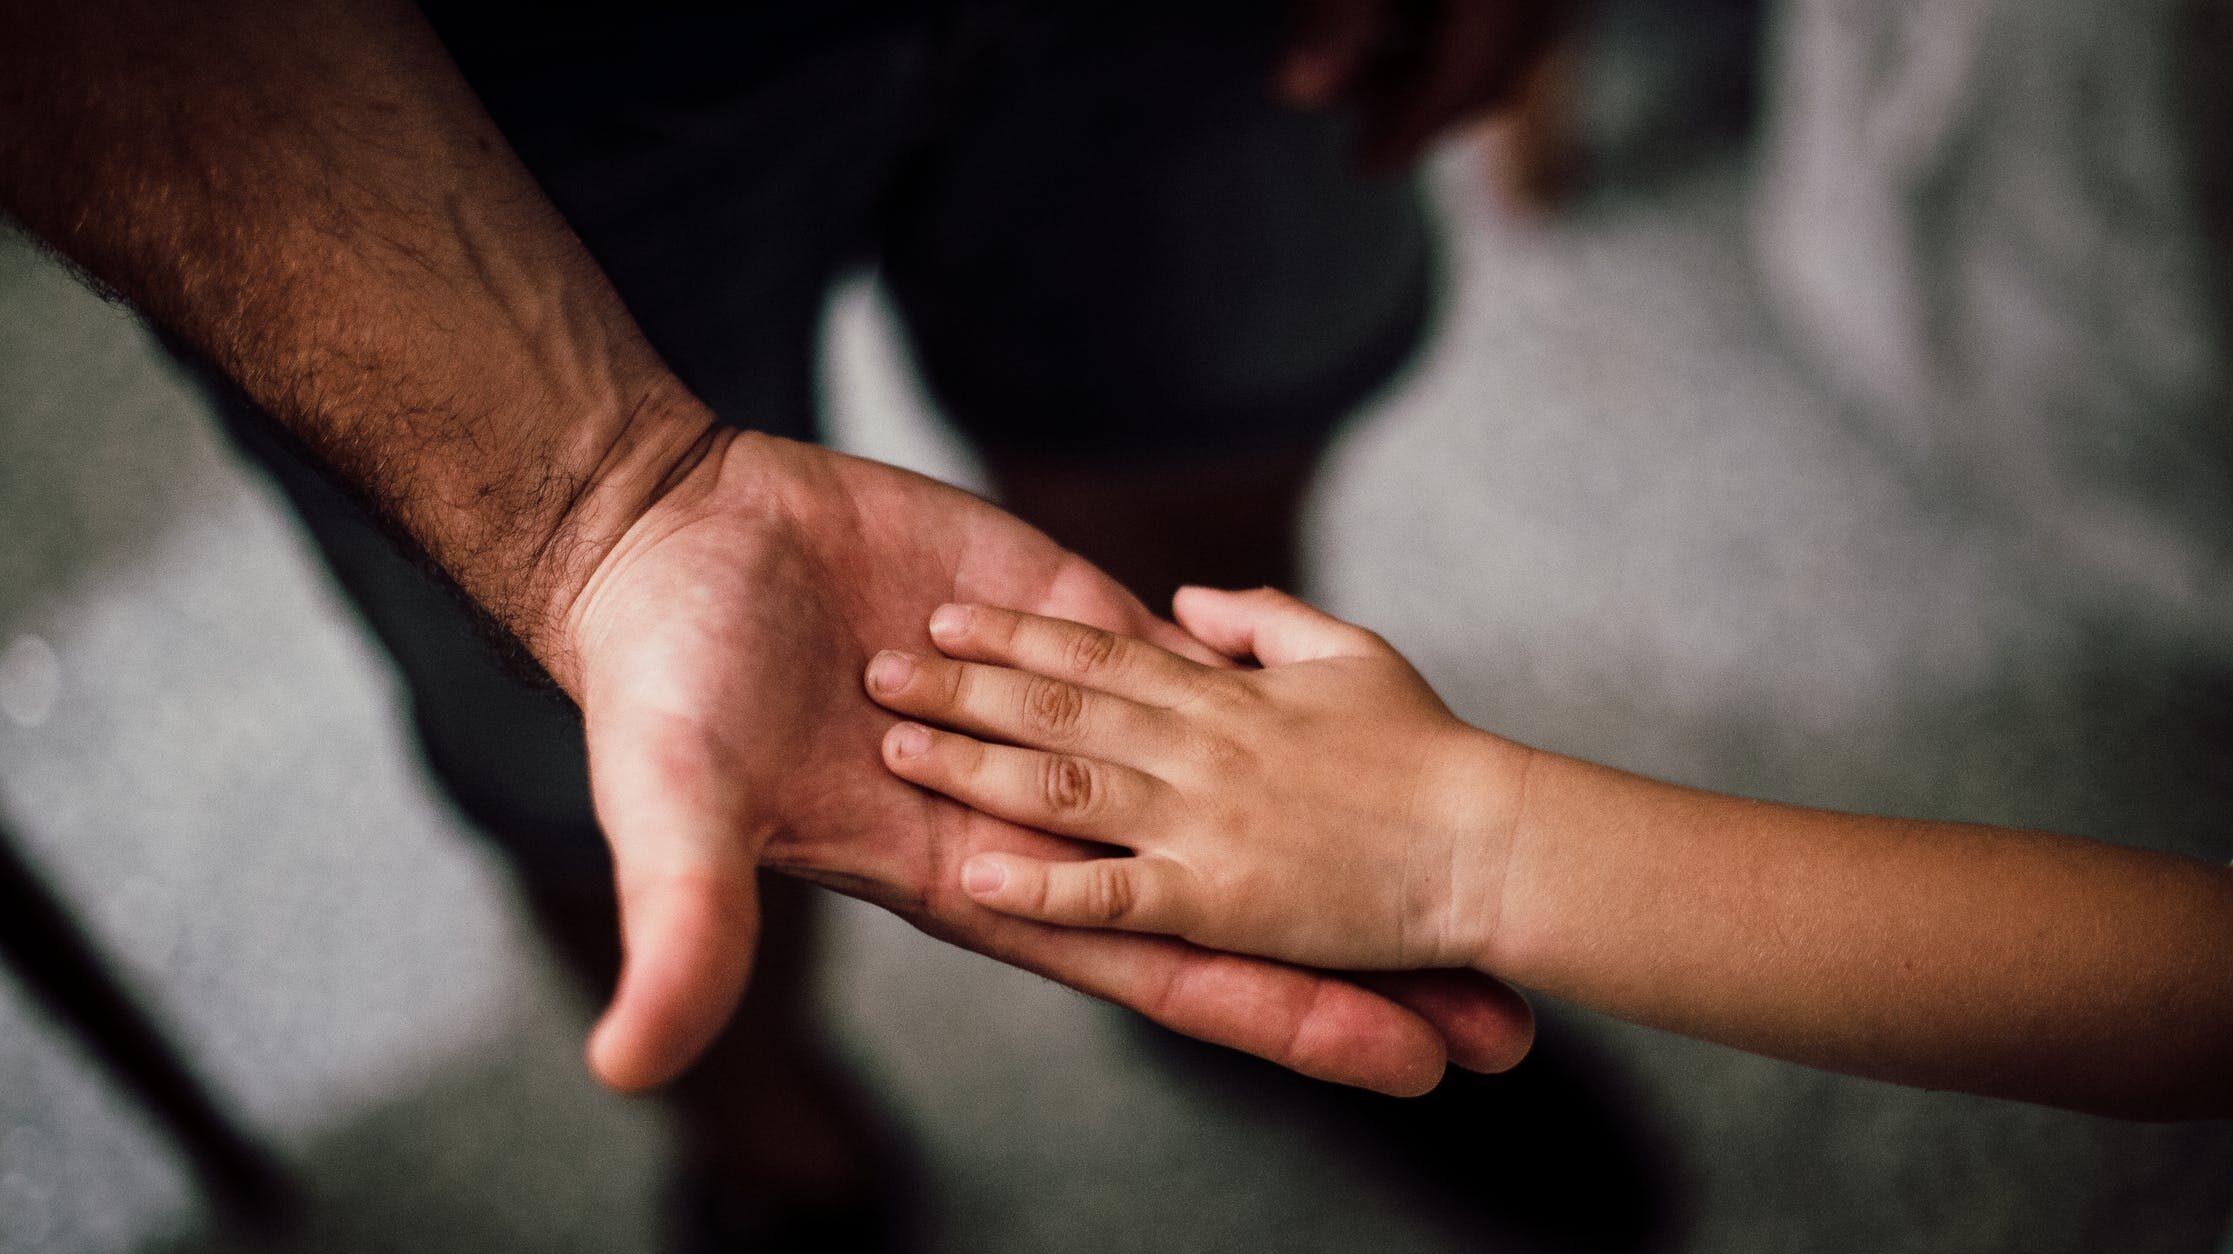 父親になったばかりの夫・旦那が育児ノイローゼに!?なりやすい人や原因、対処法のイメージ画像1